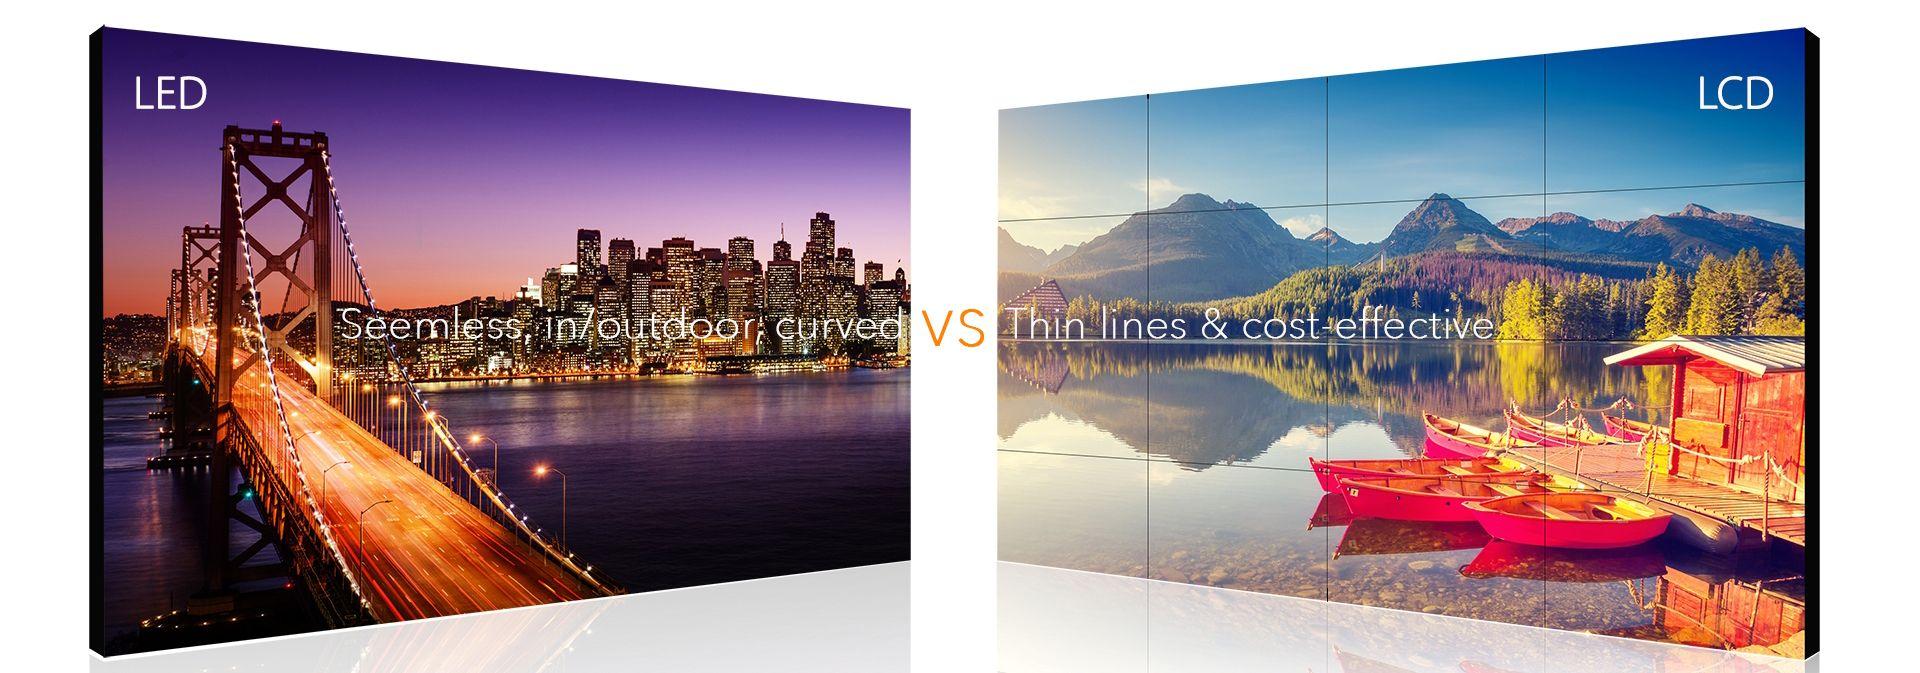 Các ứng dụng công nghệ của Màn hình ghép LED và LCD: